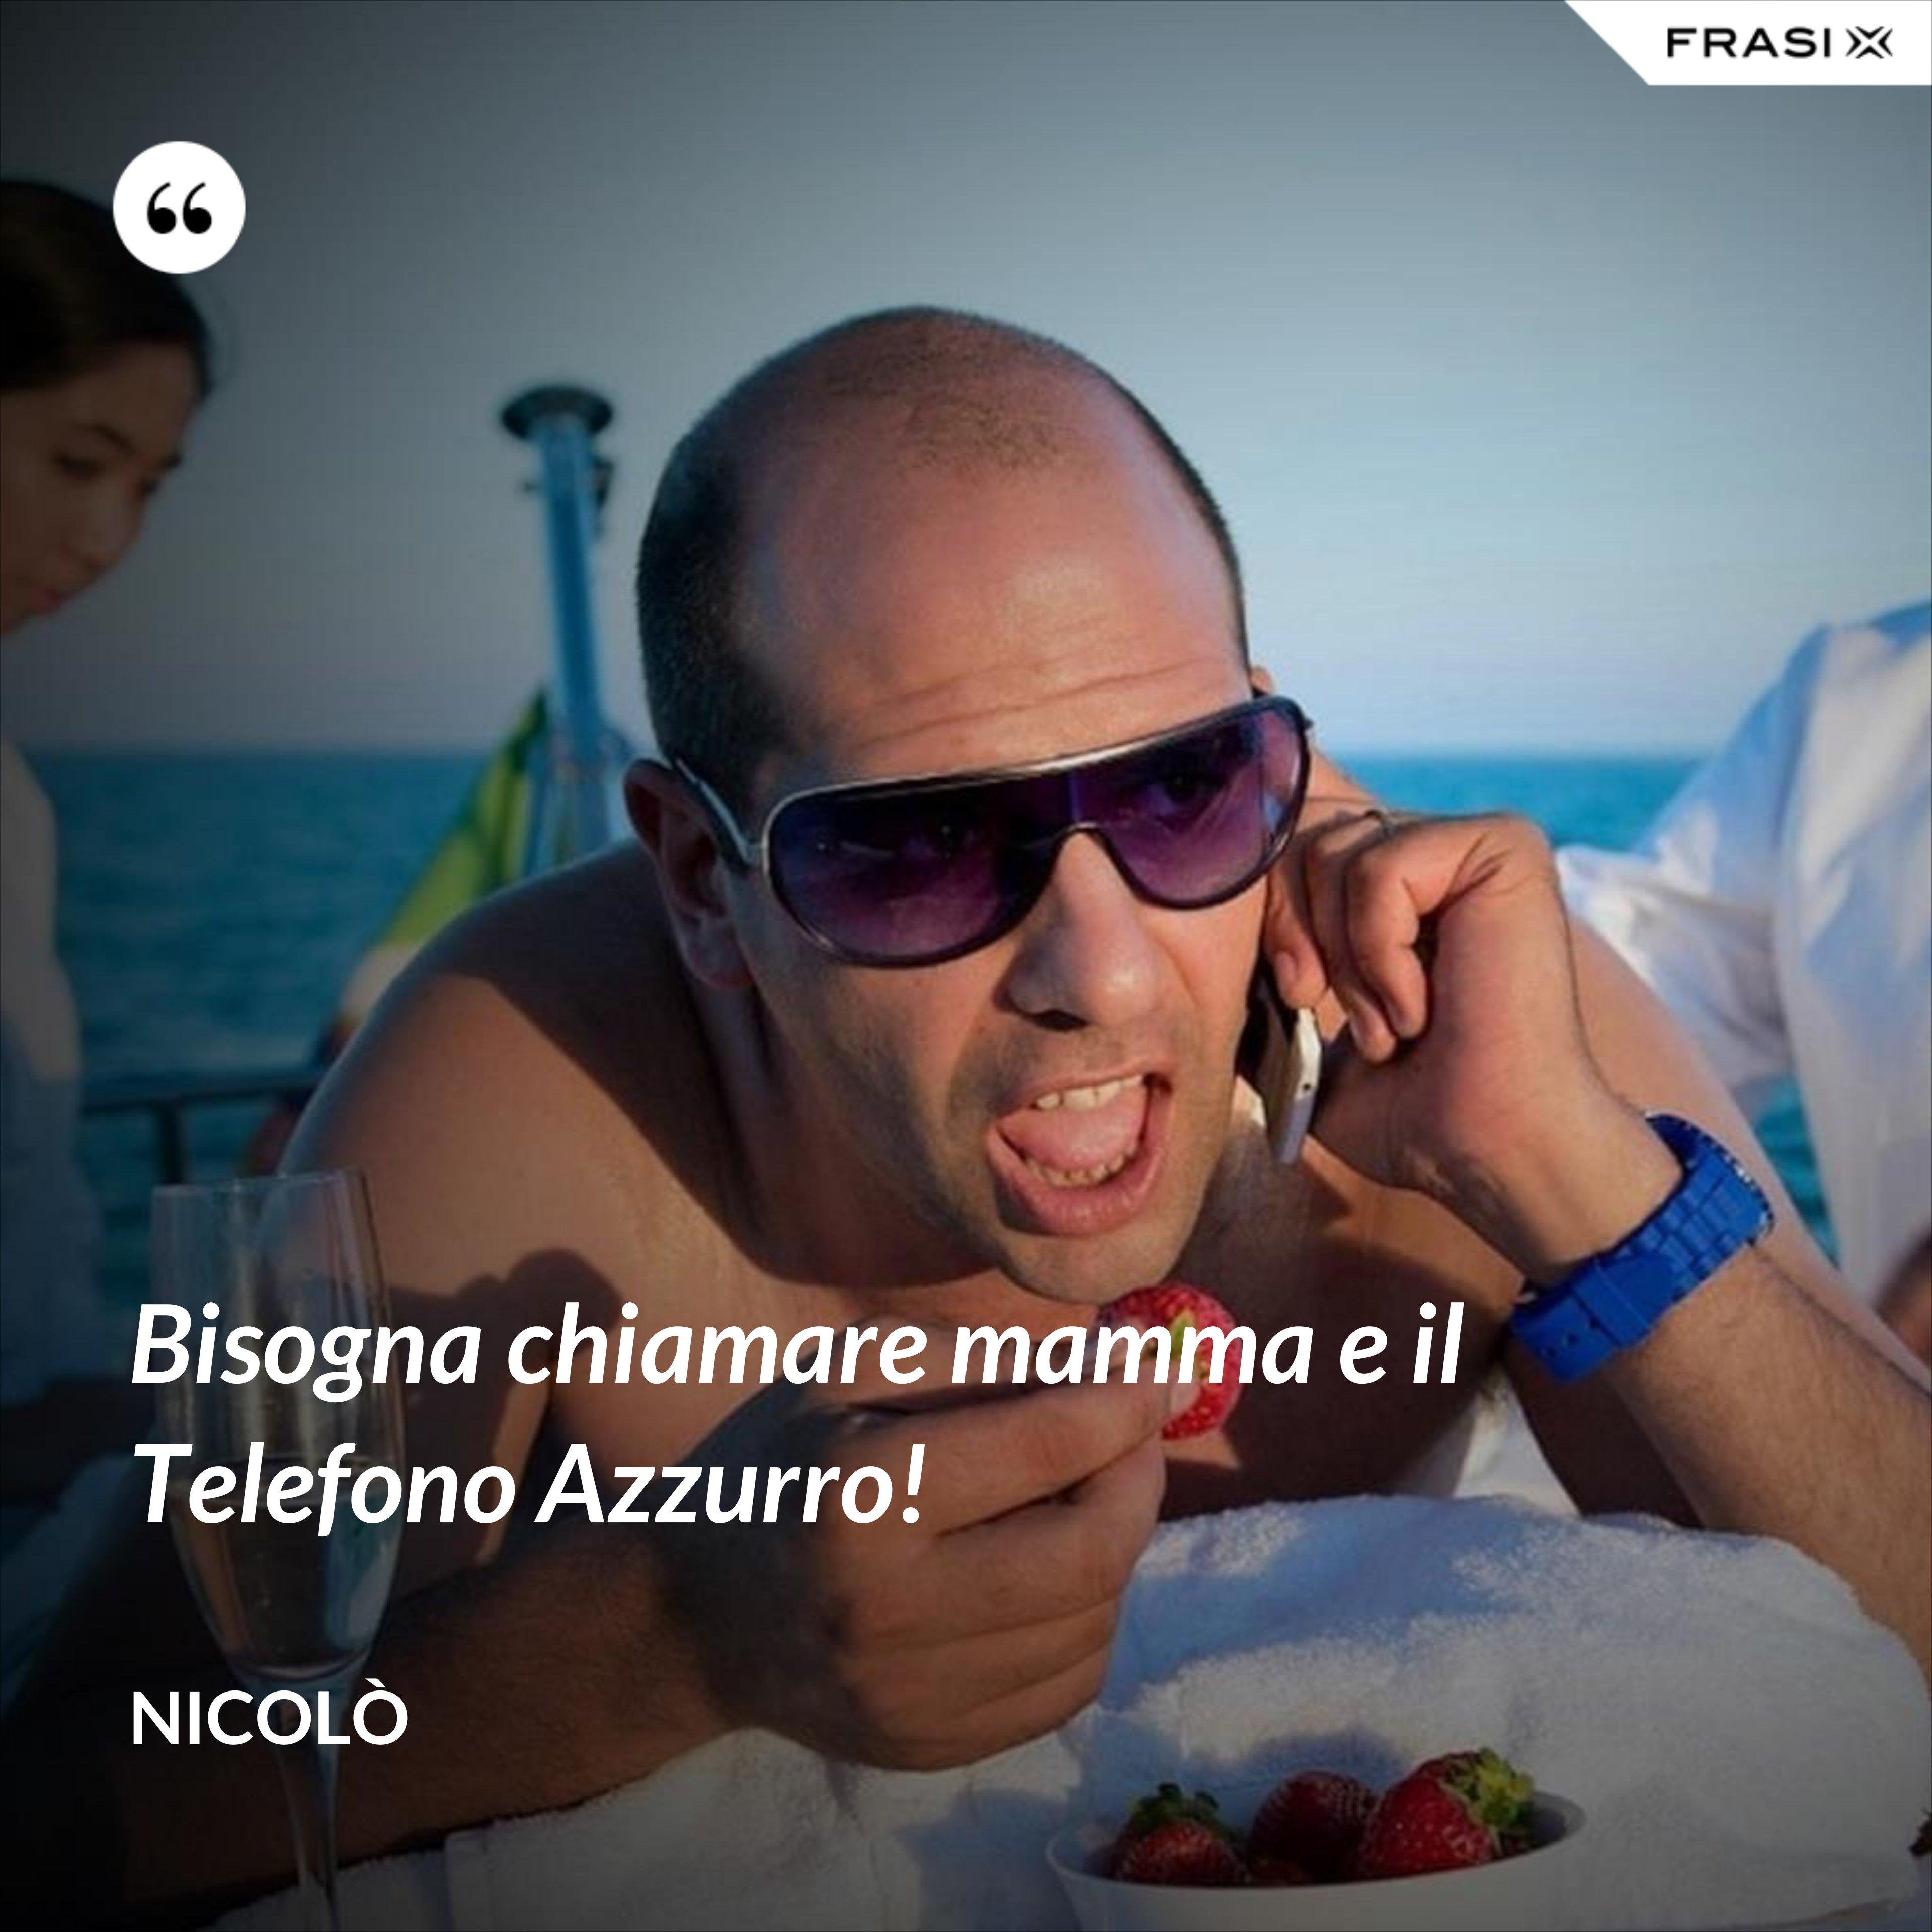 Bisogna chiamare mamma e il Telefono Azzurro! - Nicolò